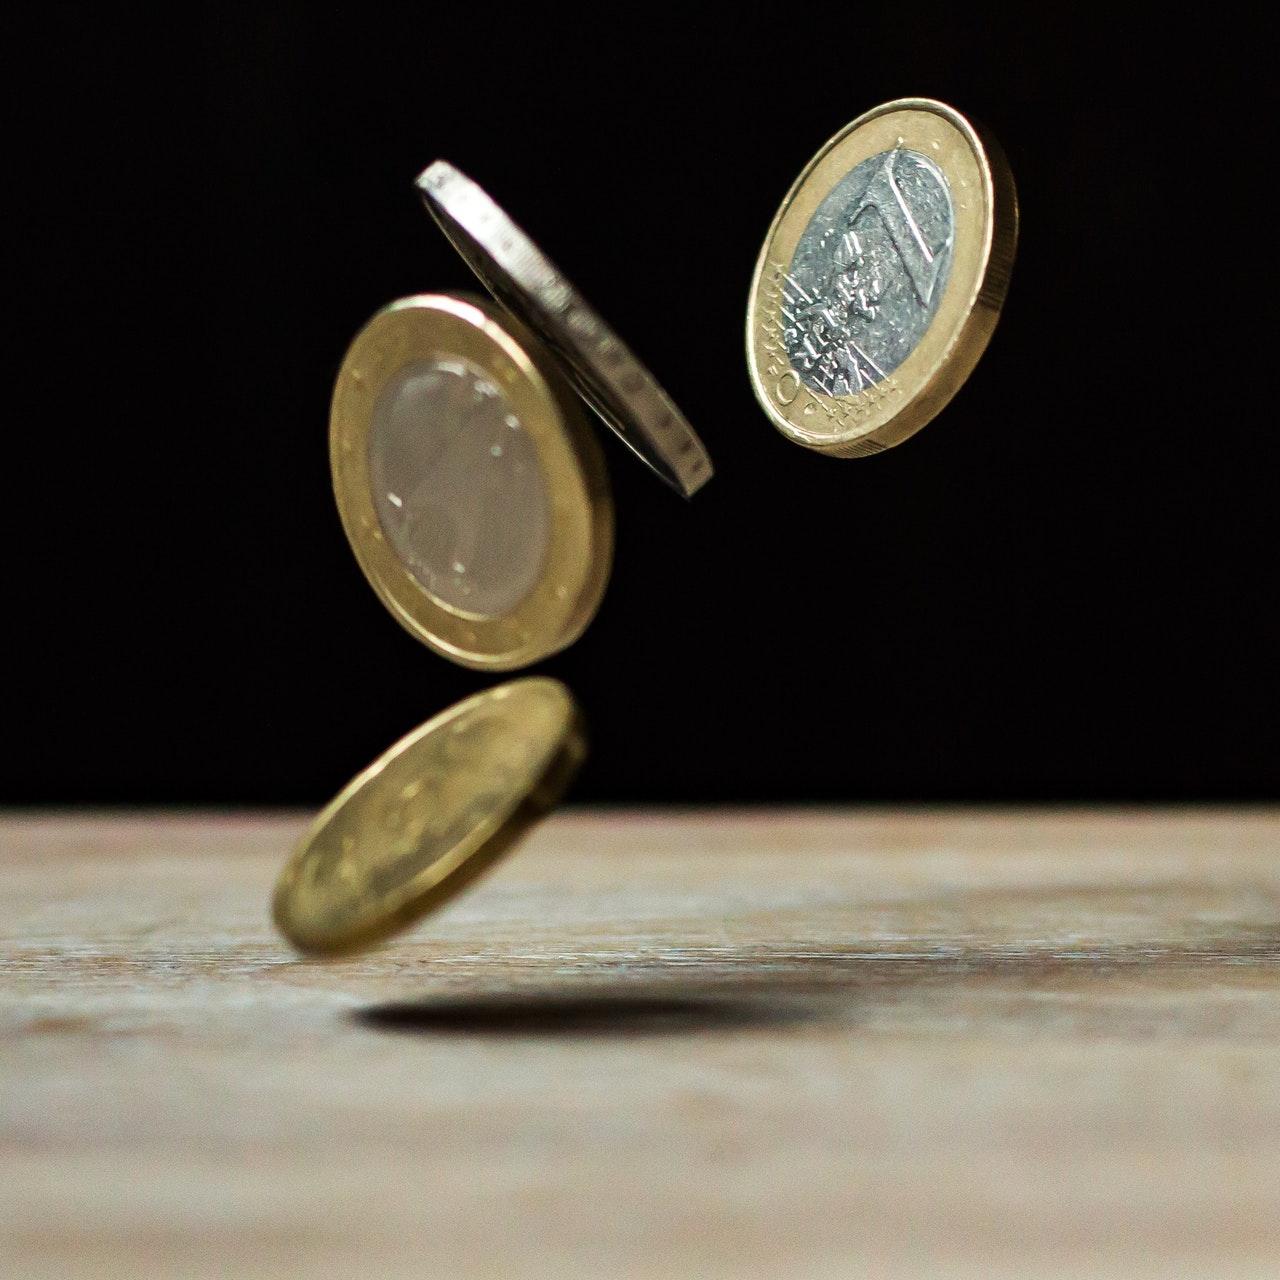 monete da un euro che cadono verso terra